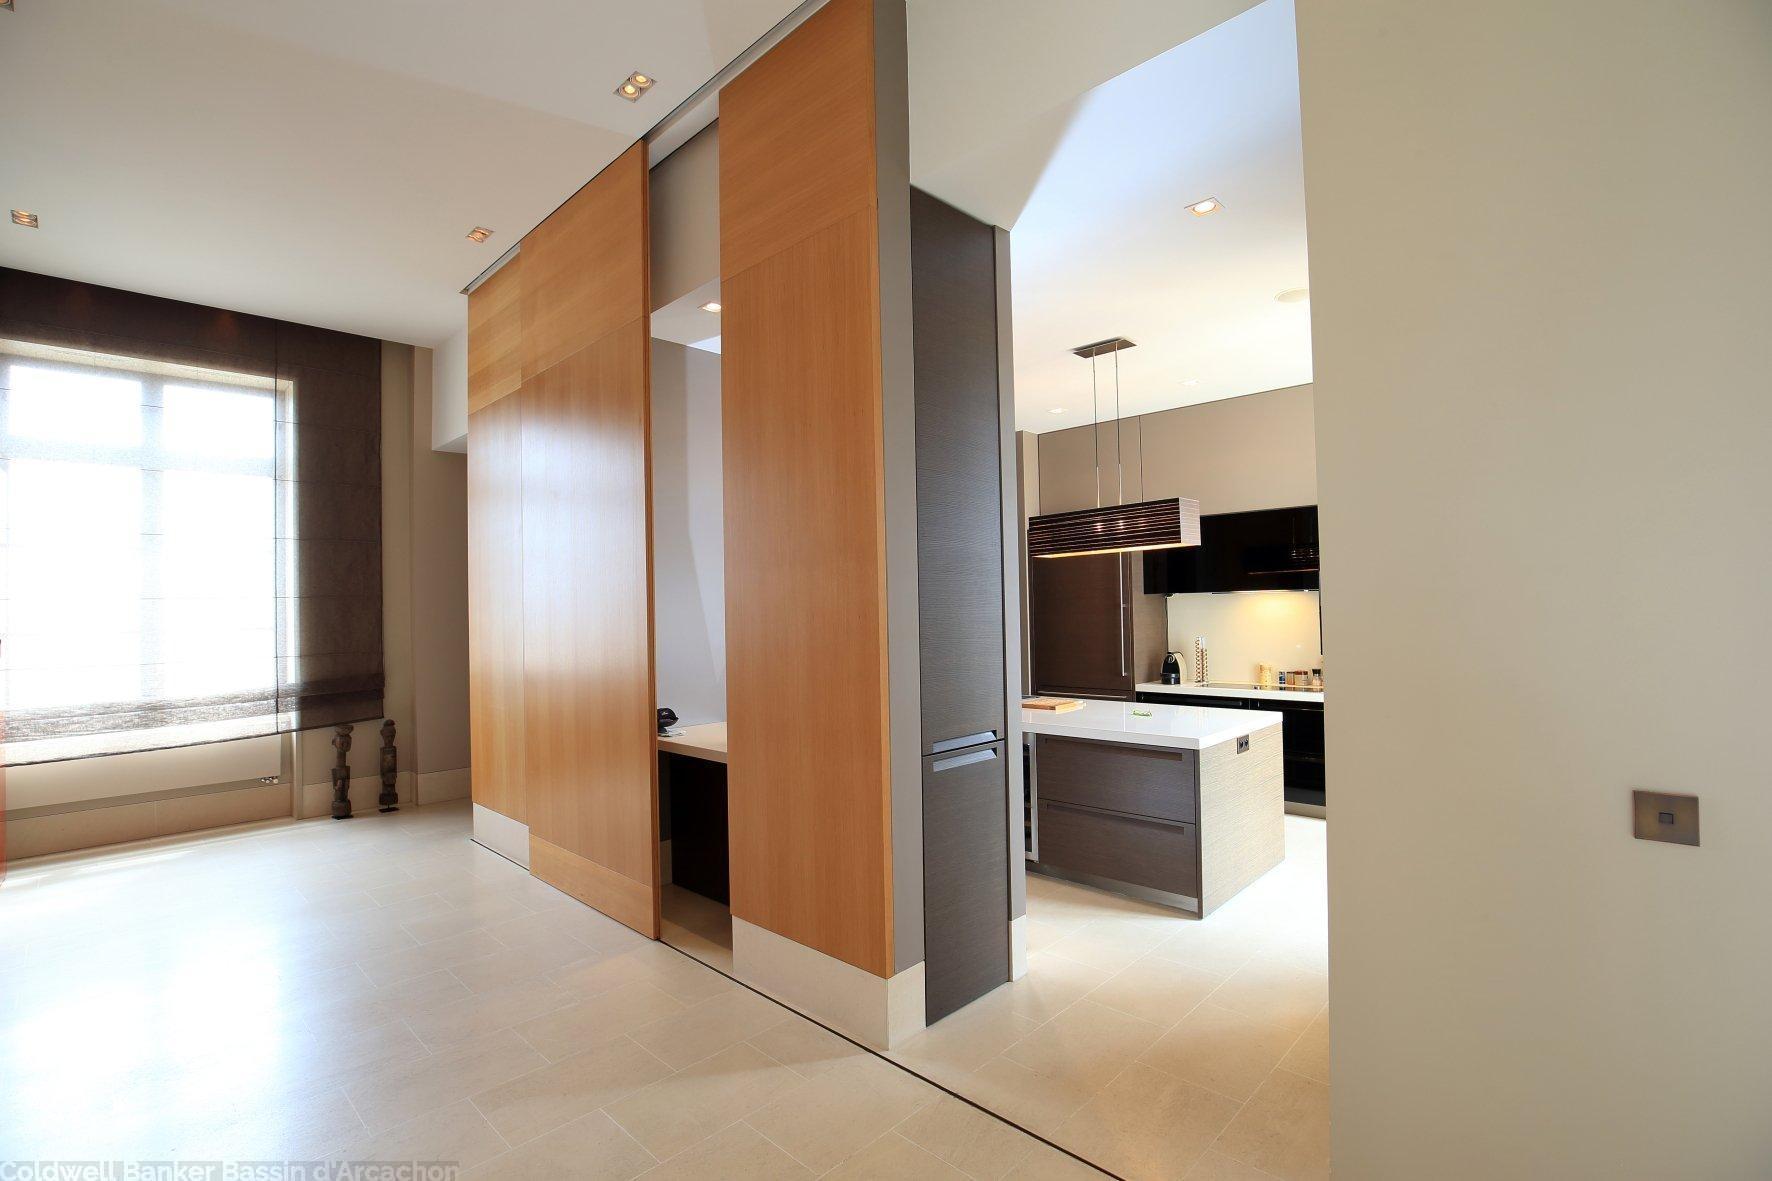 Vente appartement de prestige bordeaux triangle d 39 or immobilier de luxe coldwell banker for Appartement de prestige